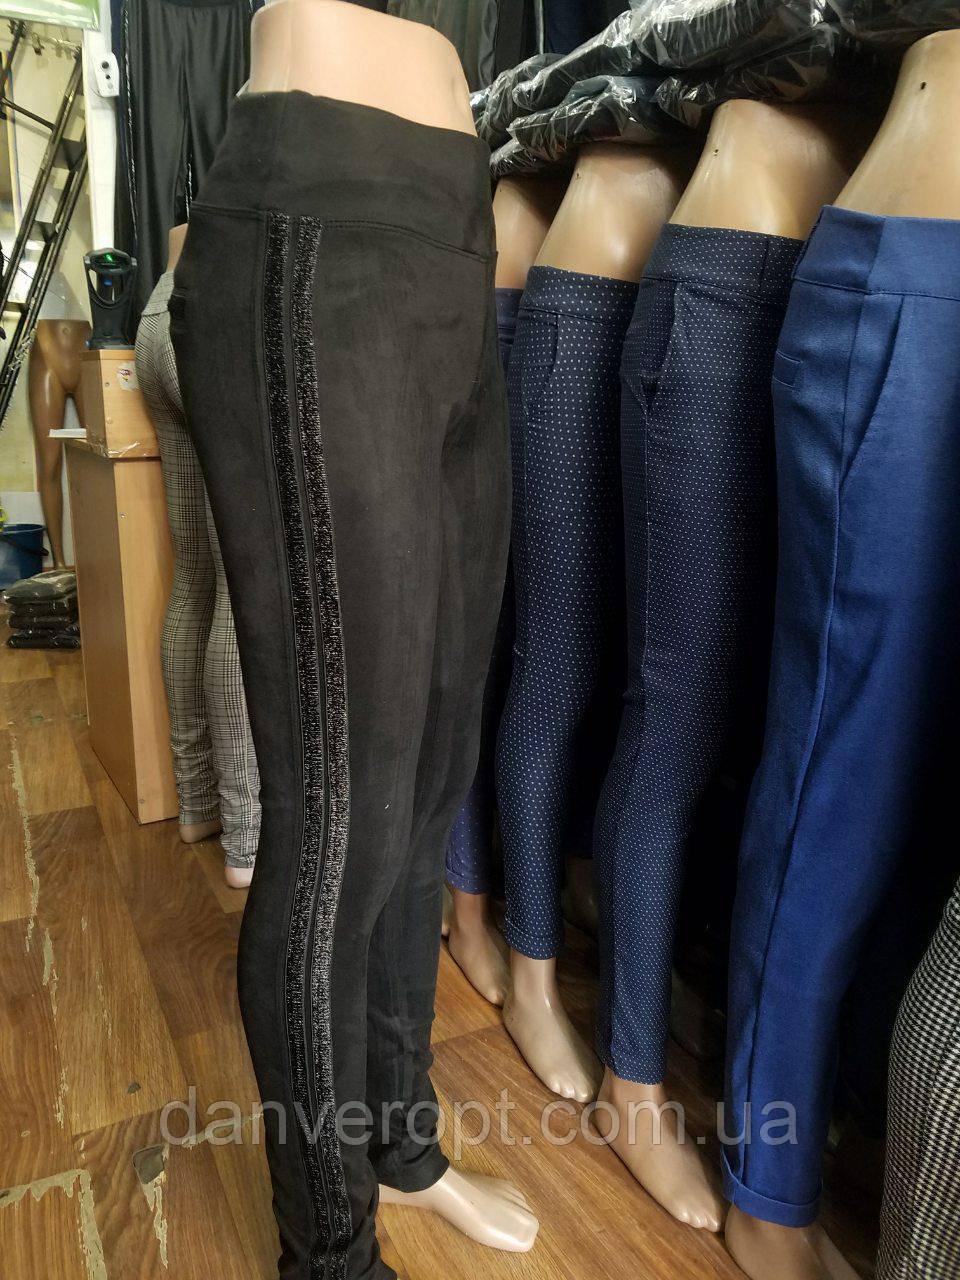 Лосины женские модные стильные с лампасами размер 40-50 купить оптом со склада 7км Одесса